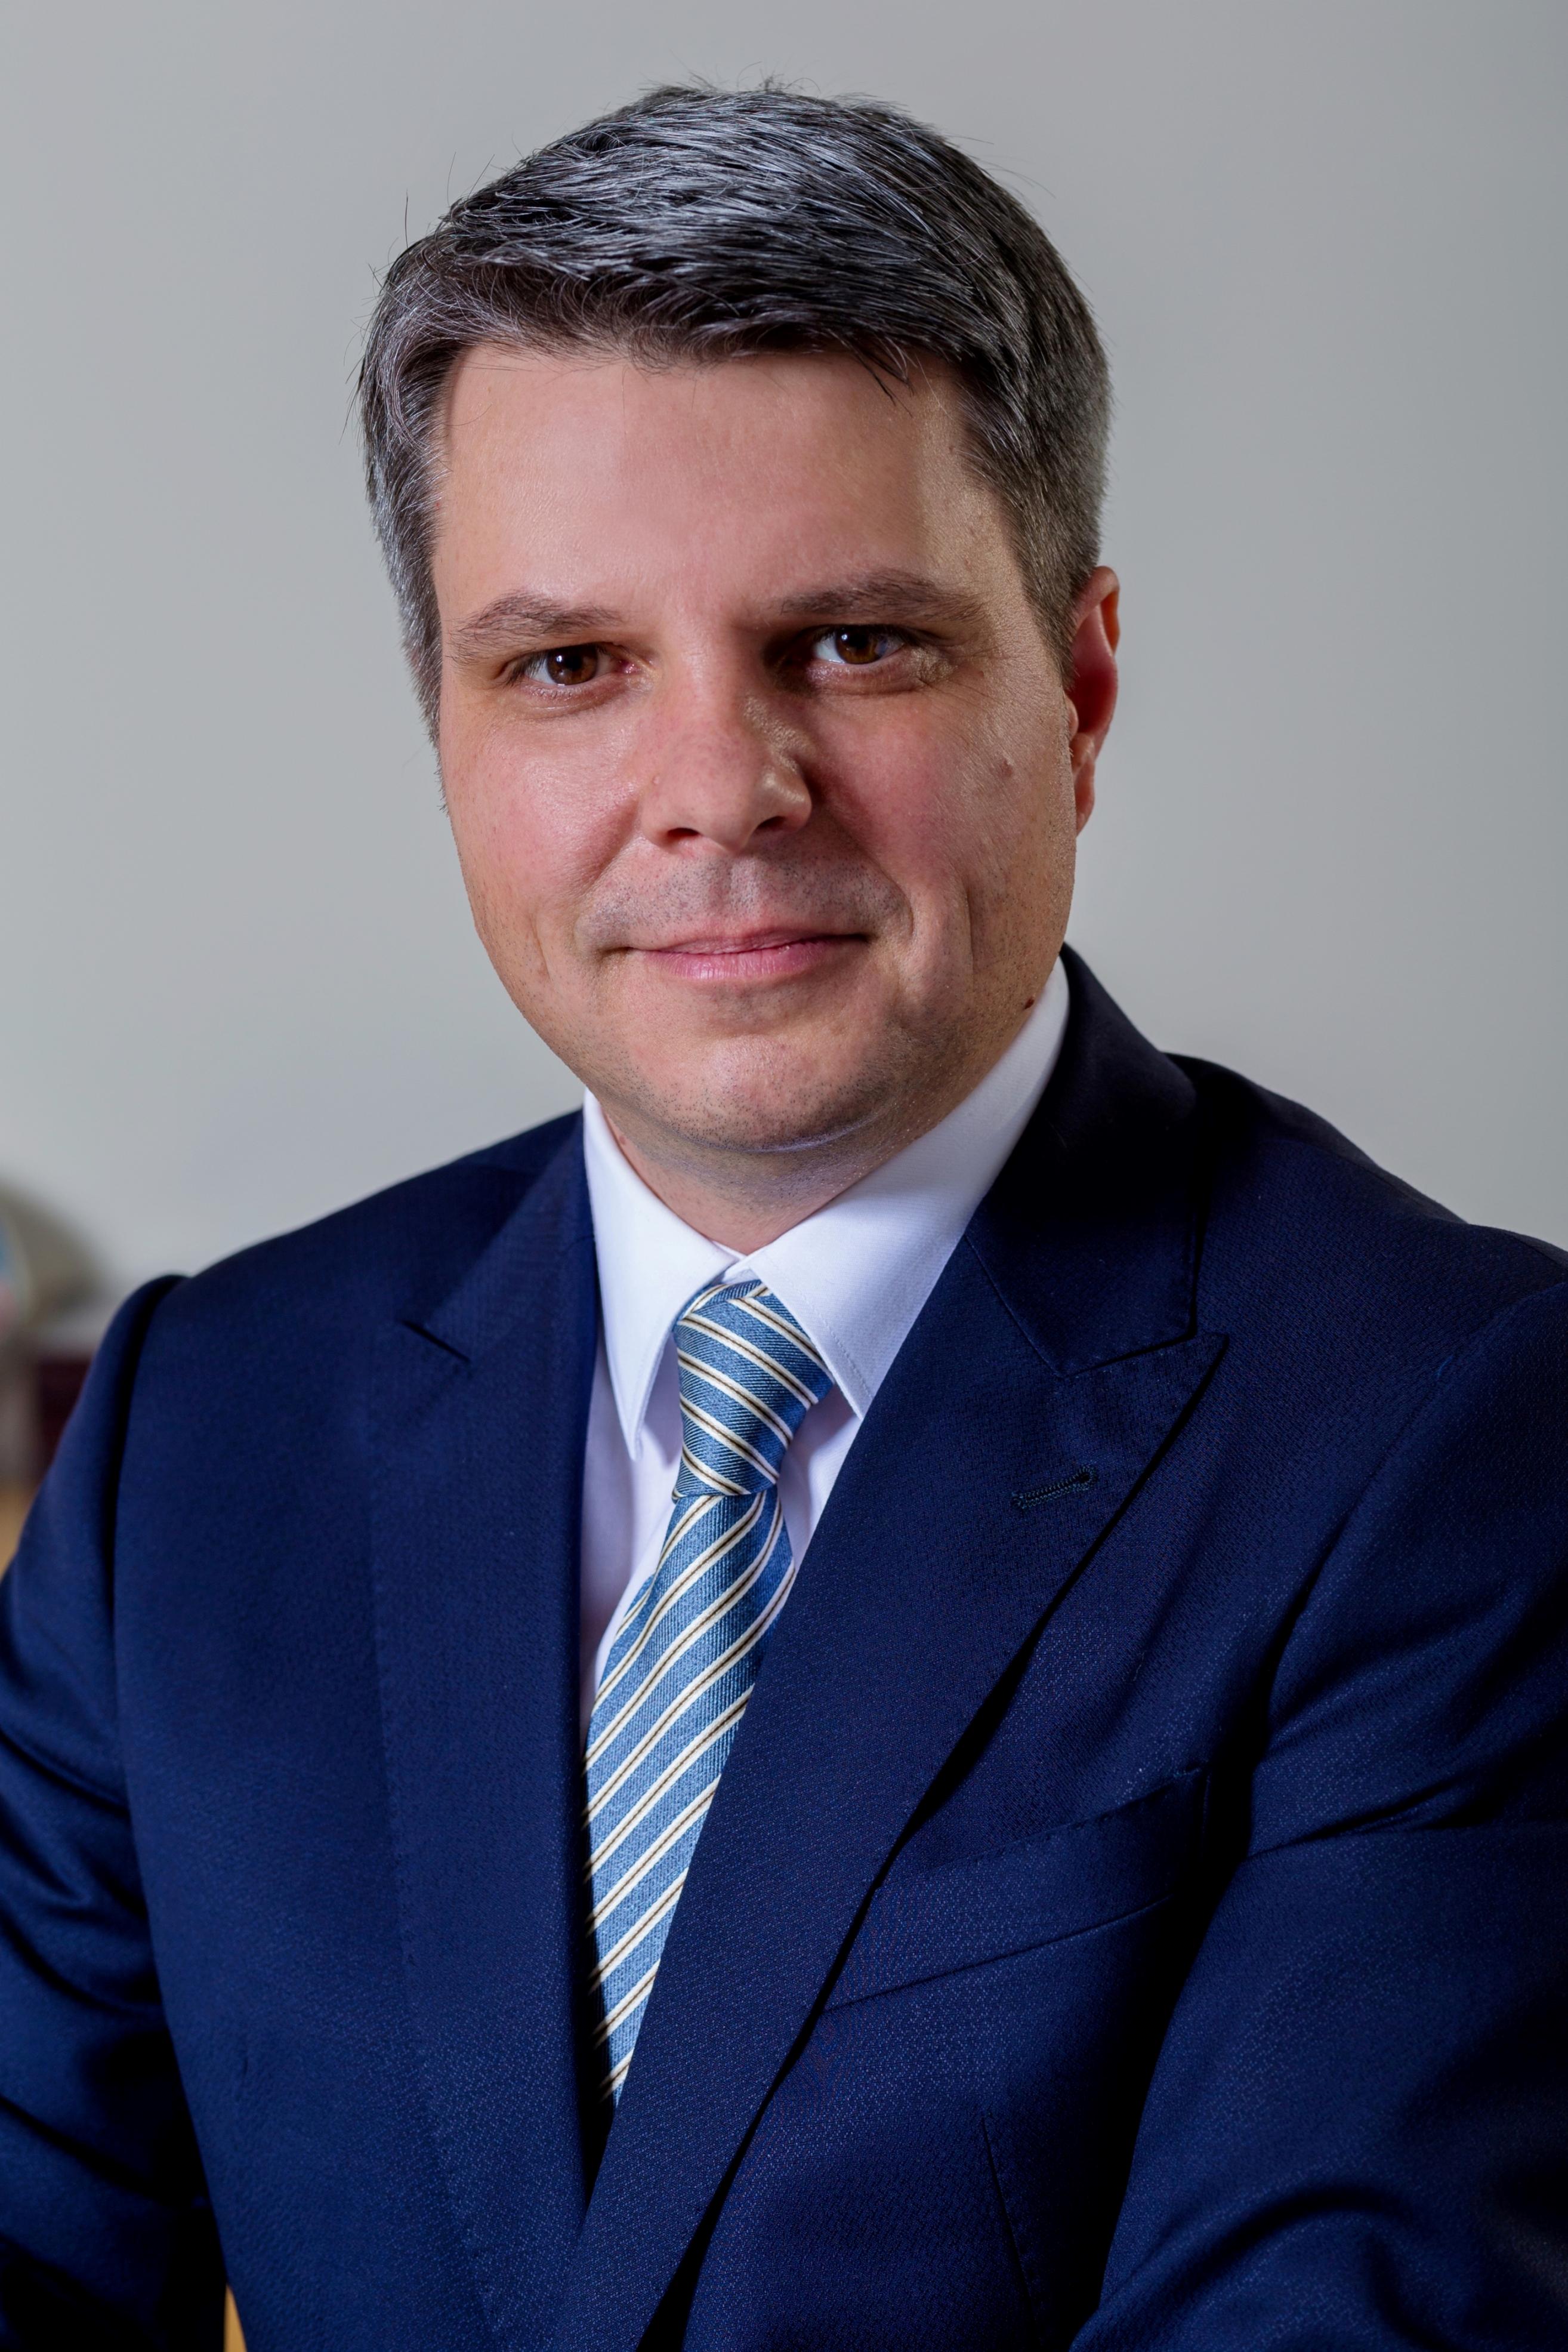 Mihnea Rădulescu, CEO, UPC România: România are o lungă listă de must-carry channels, spre deosebire de alte ţări europene; trendul este spre pay TV